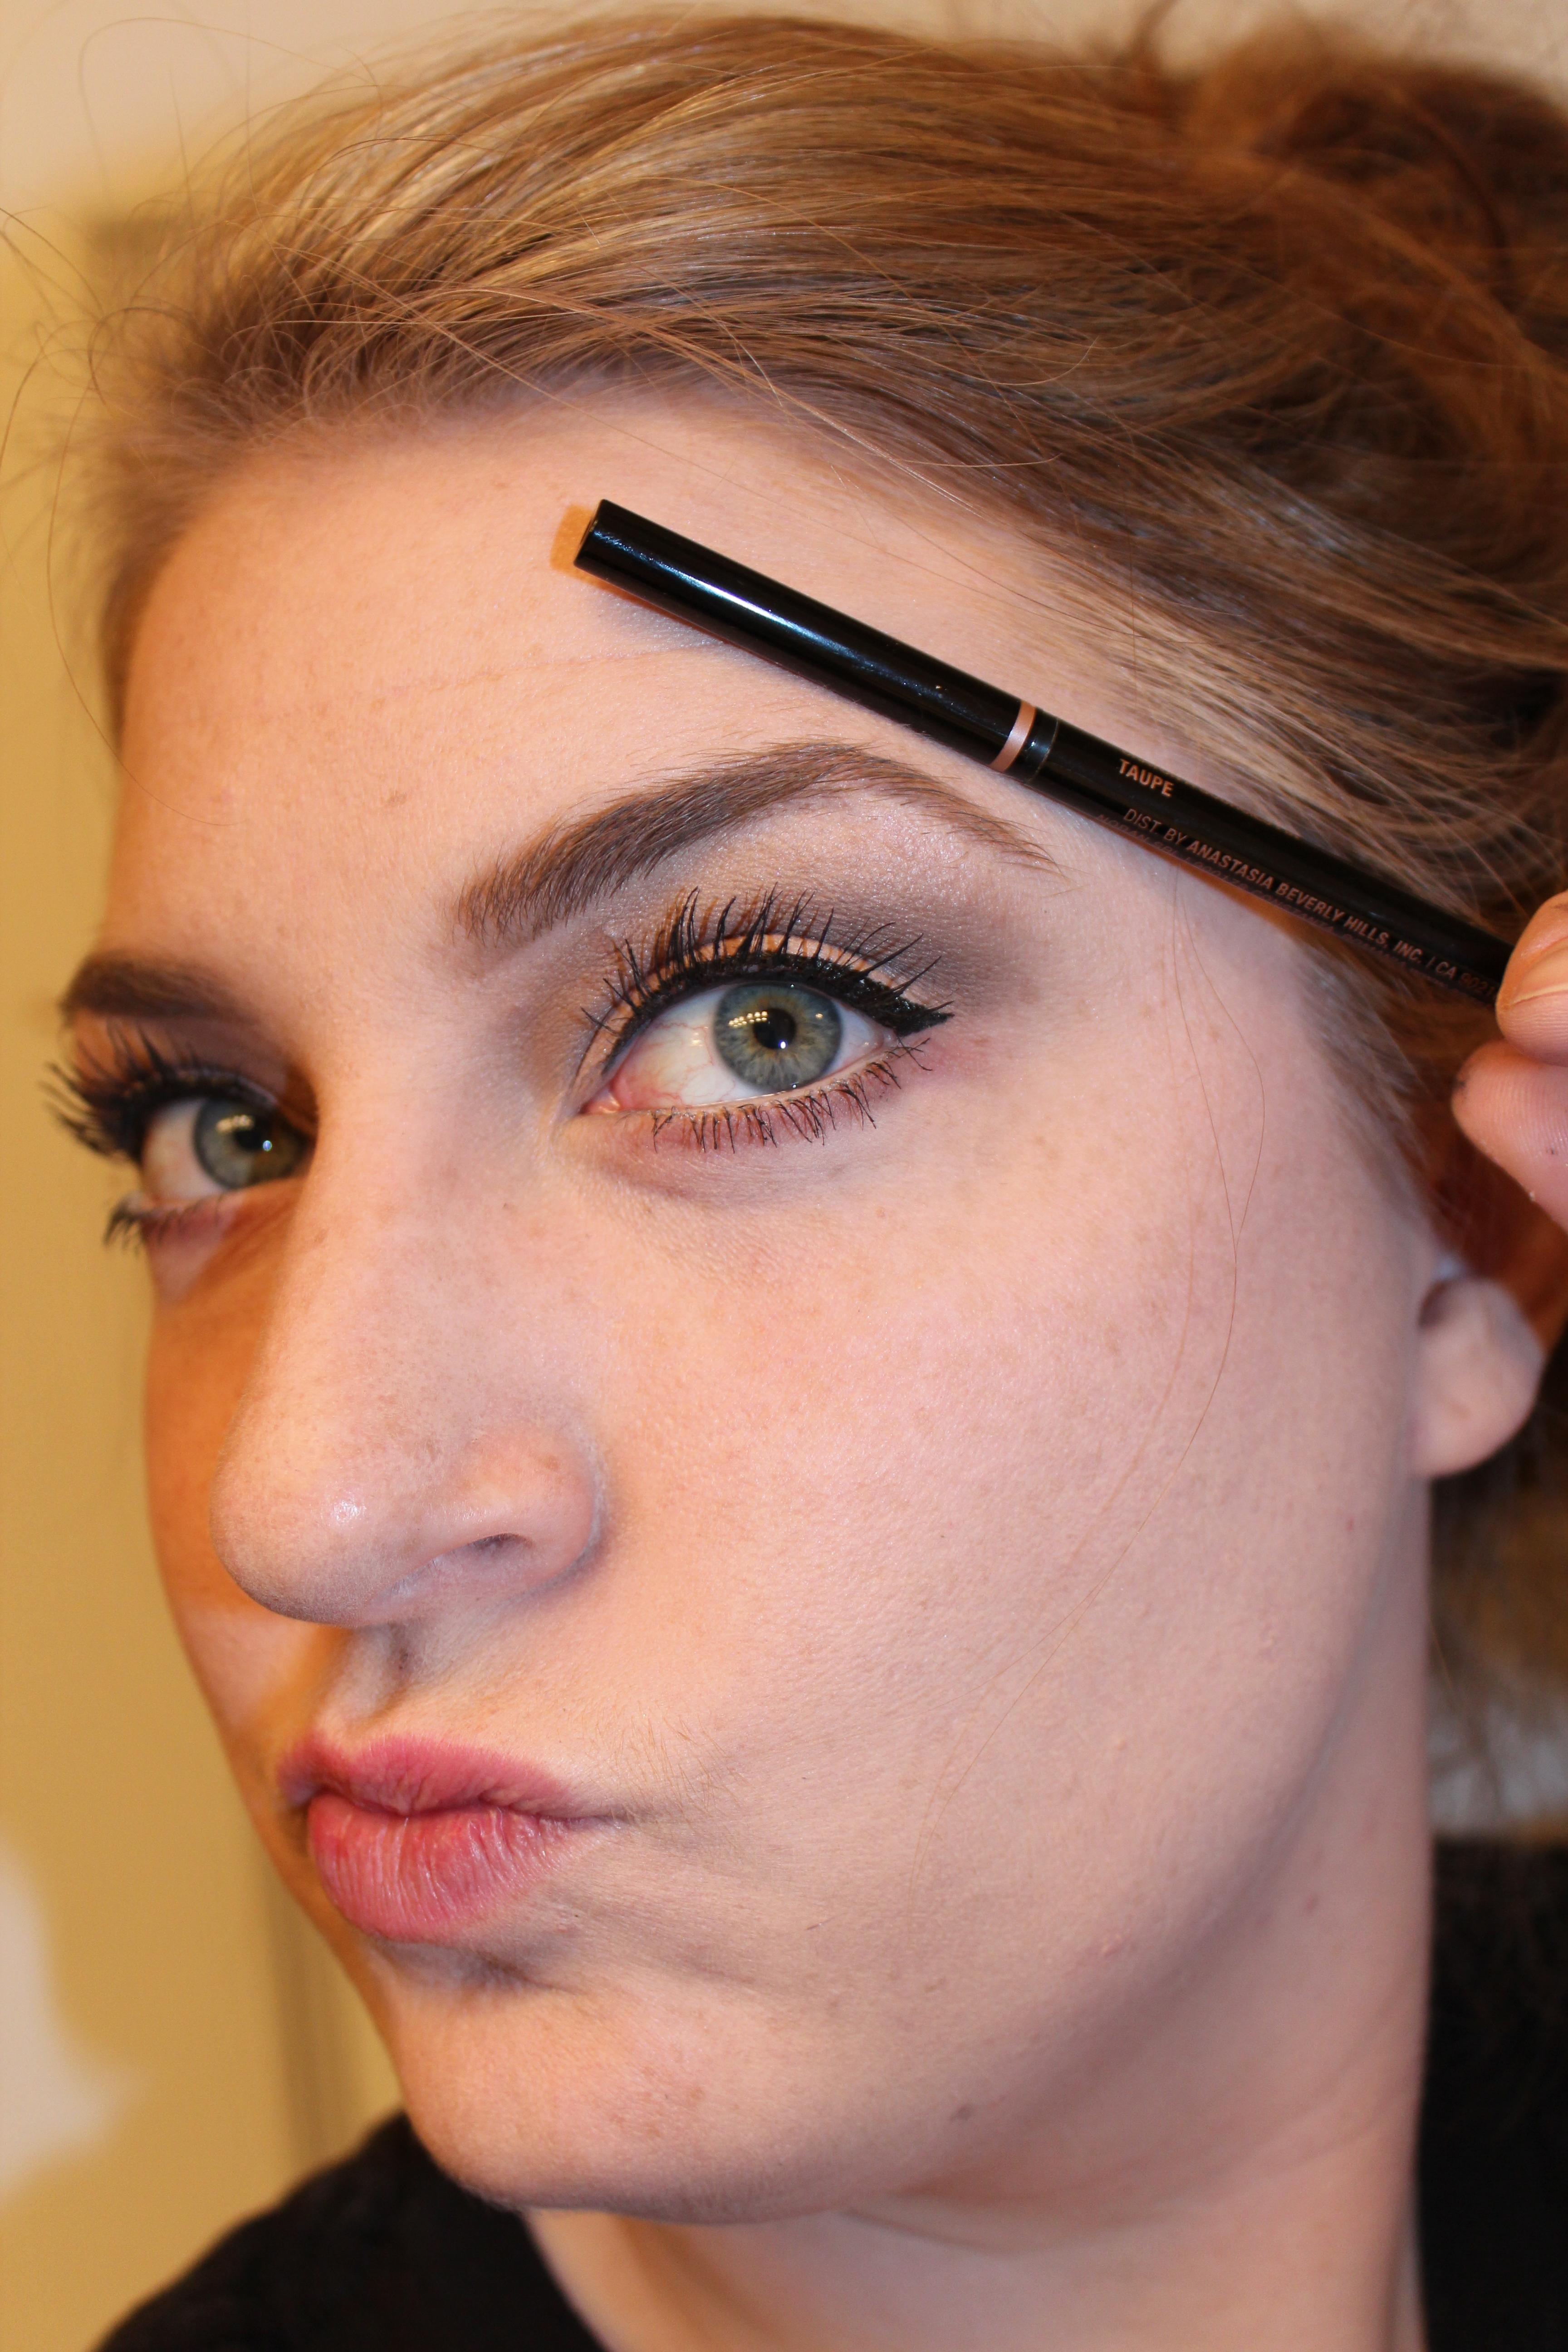 Best eyebrow makeup ulta locations